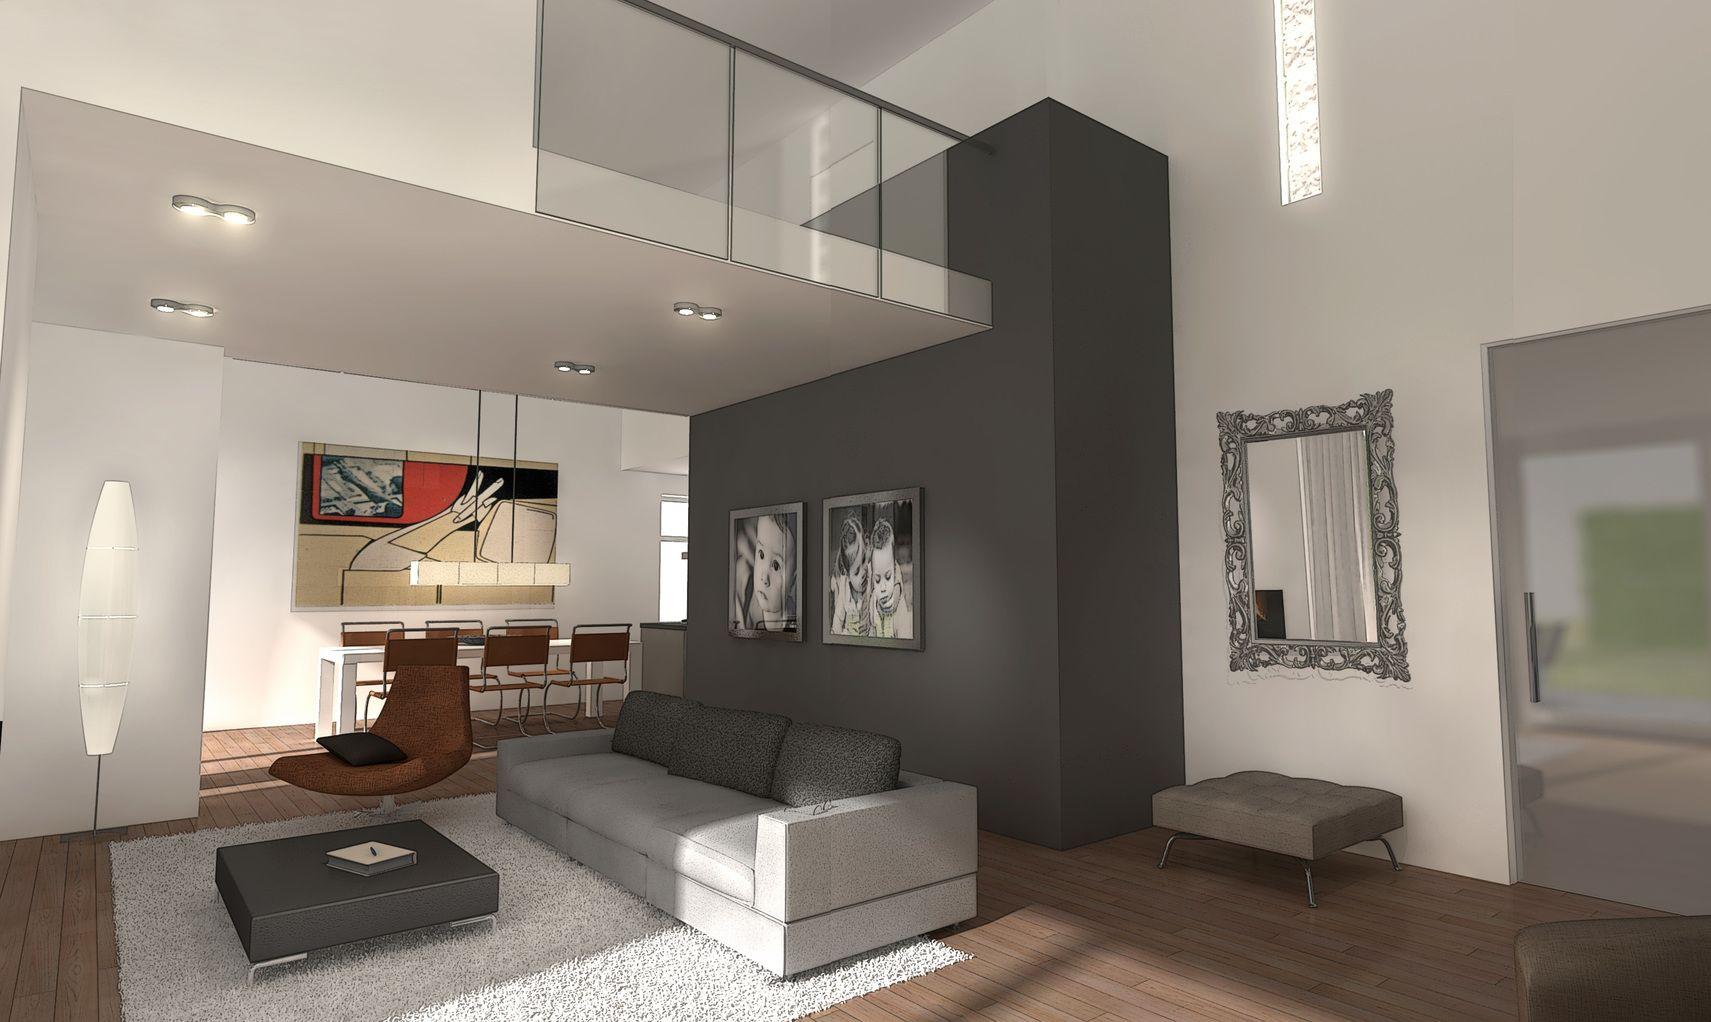 vide keuken  Google zoeken  Vide  Design woonkamers